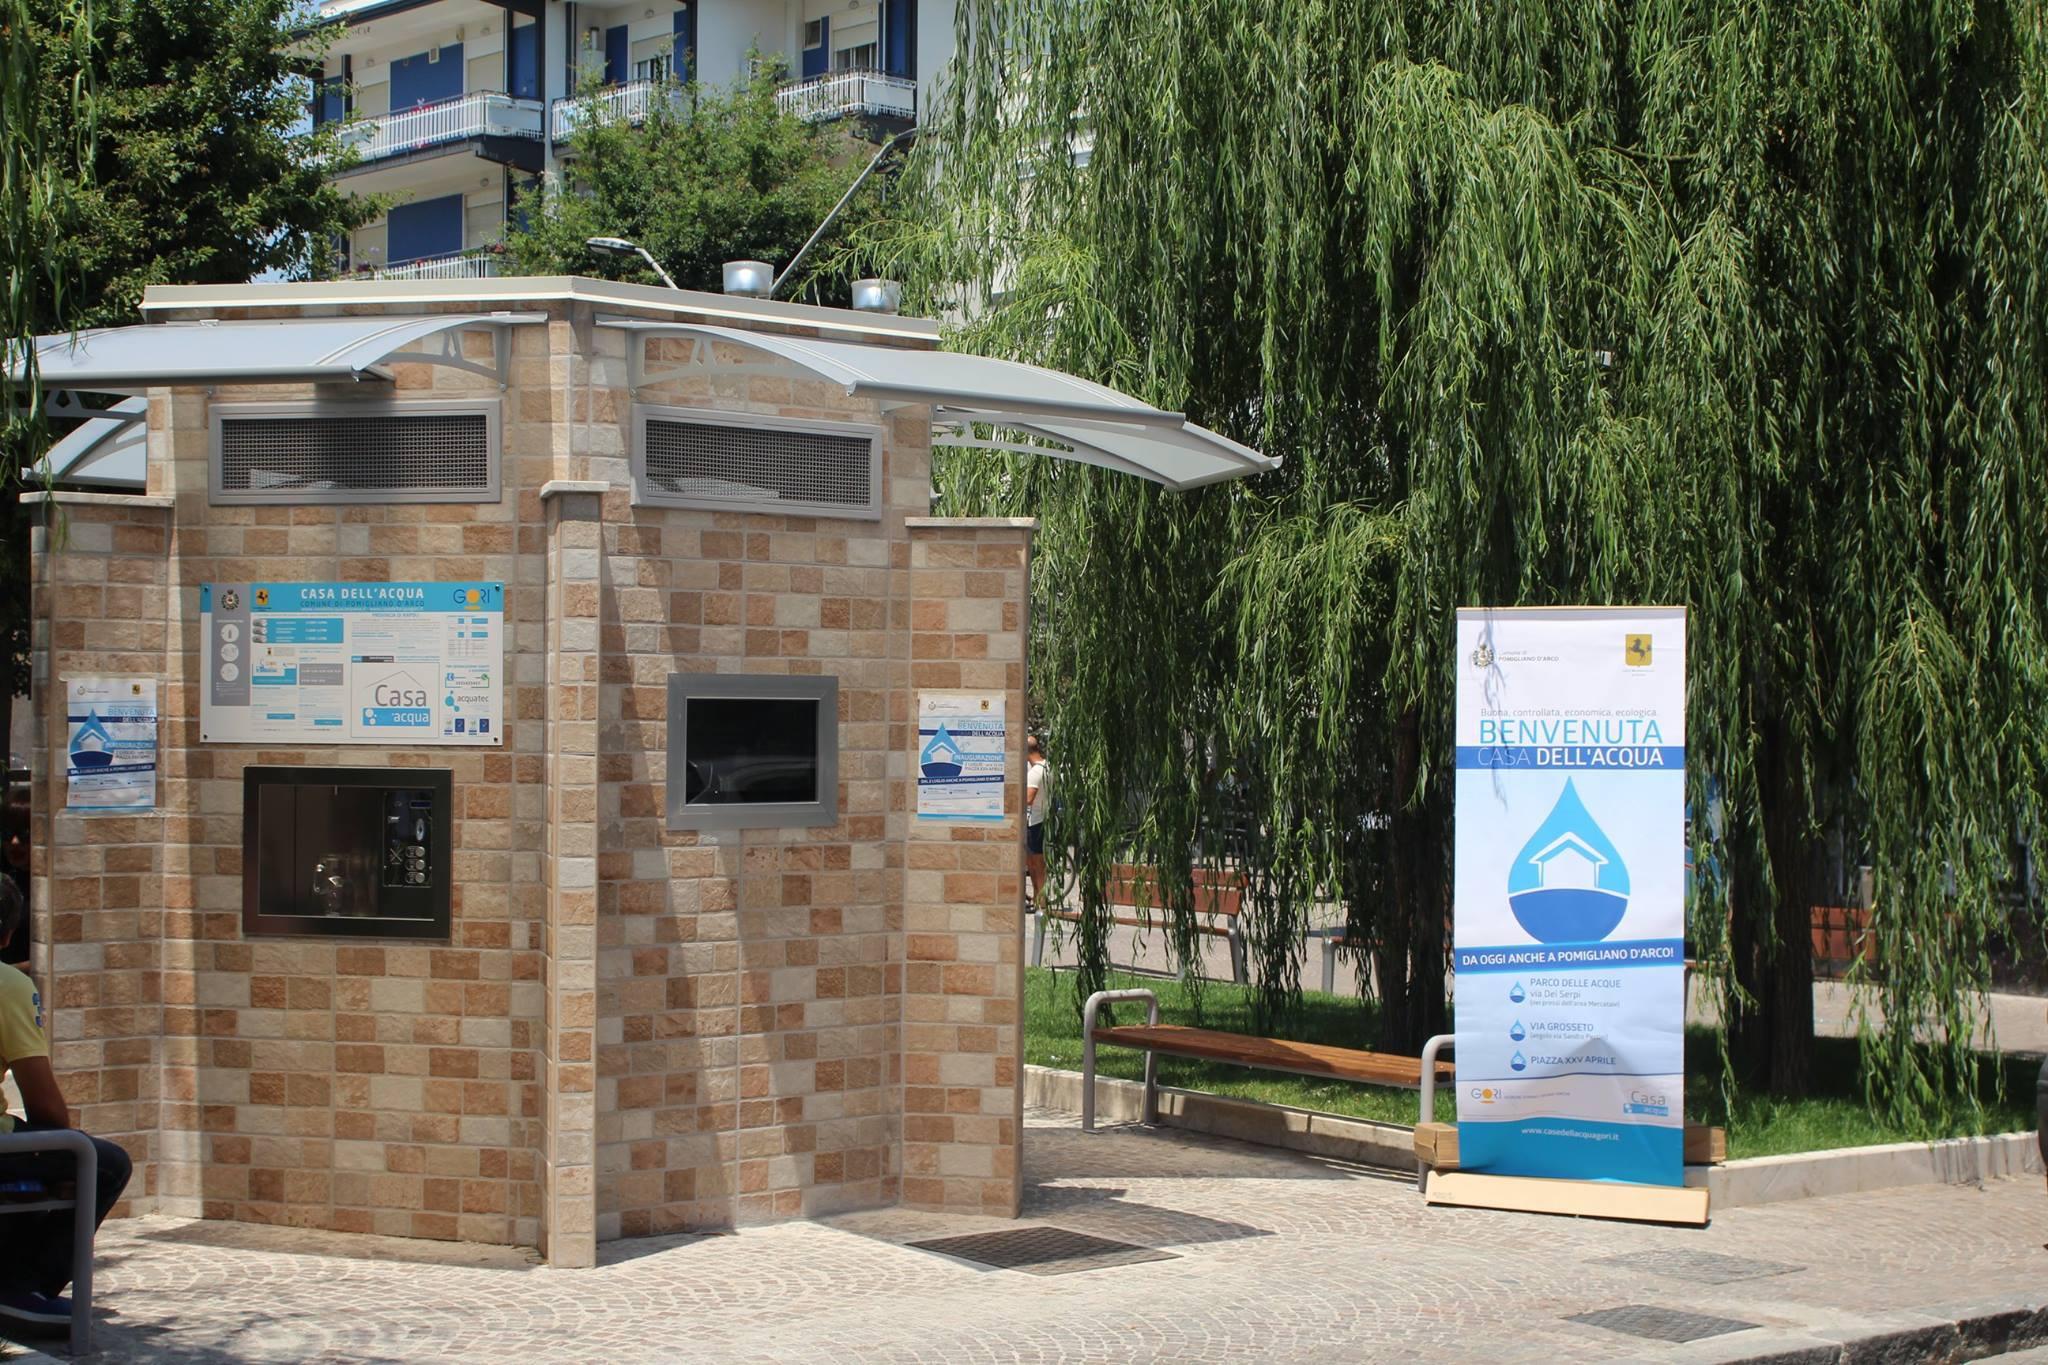 Via Romani Pomigliano D Arco giornata mondiale dell'acqua, erogazione gratuita a